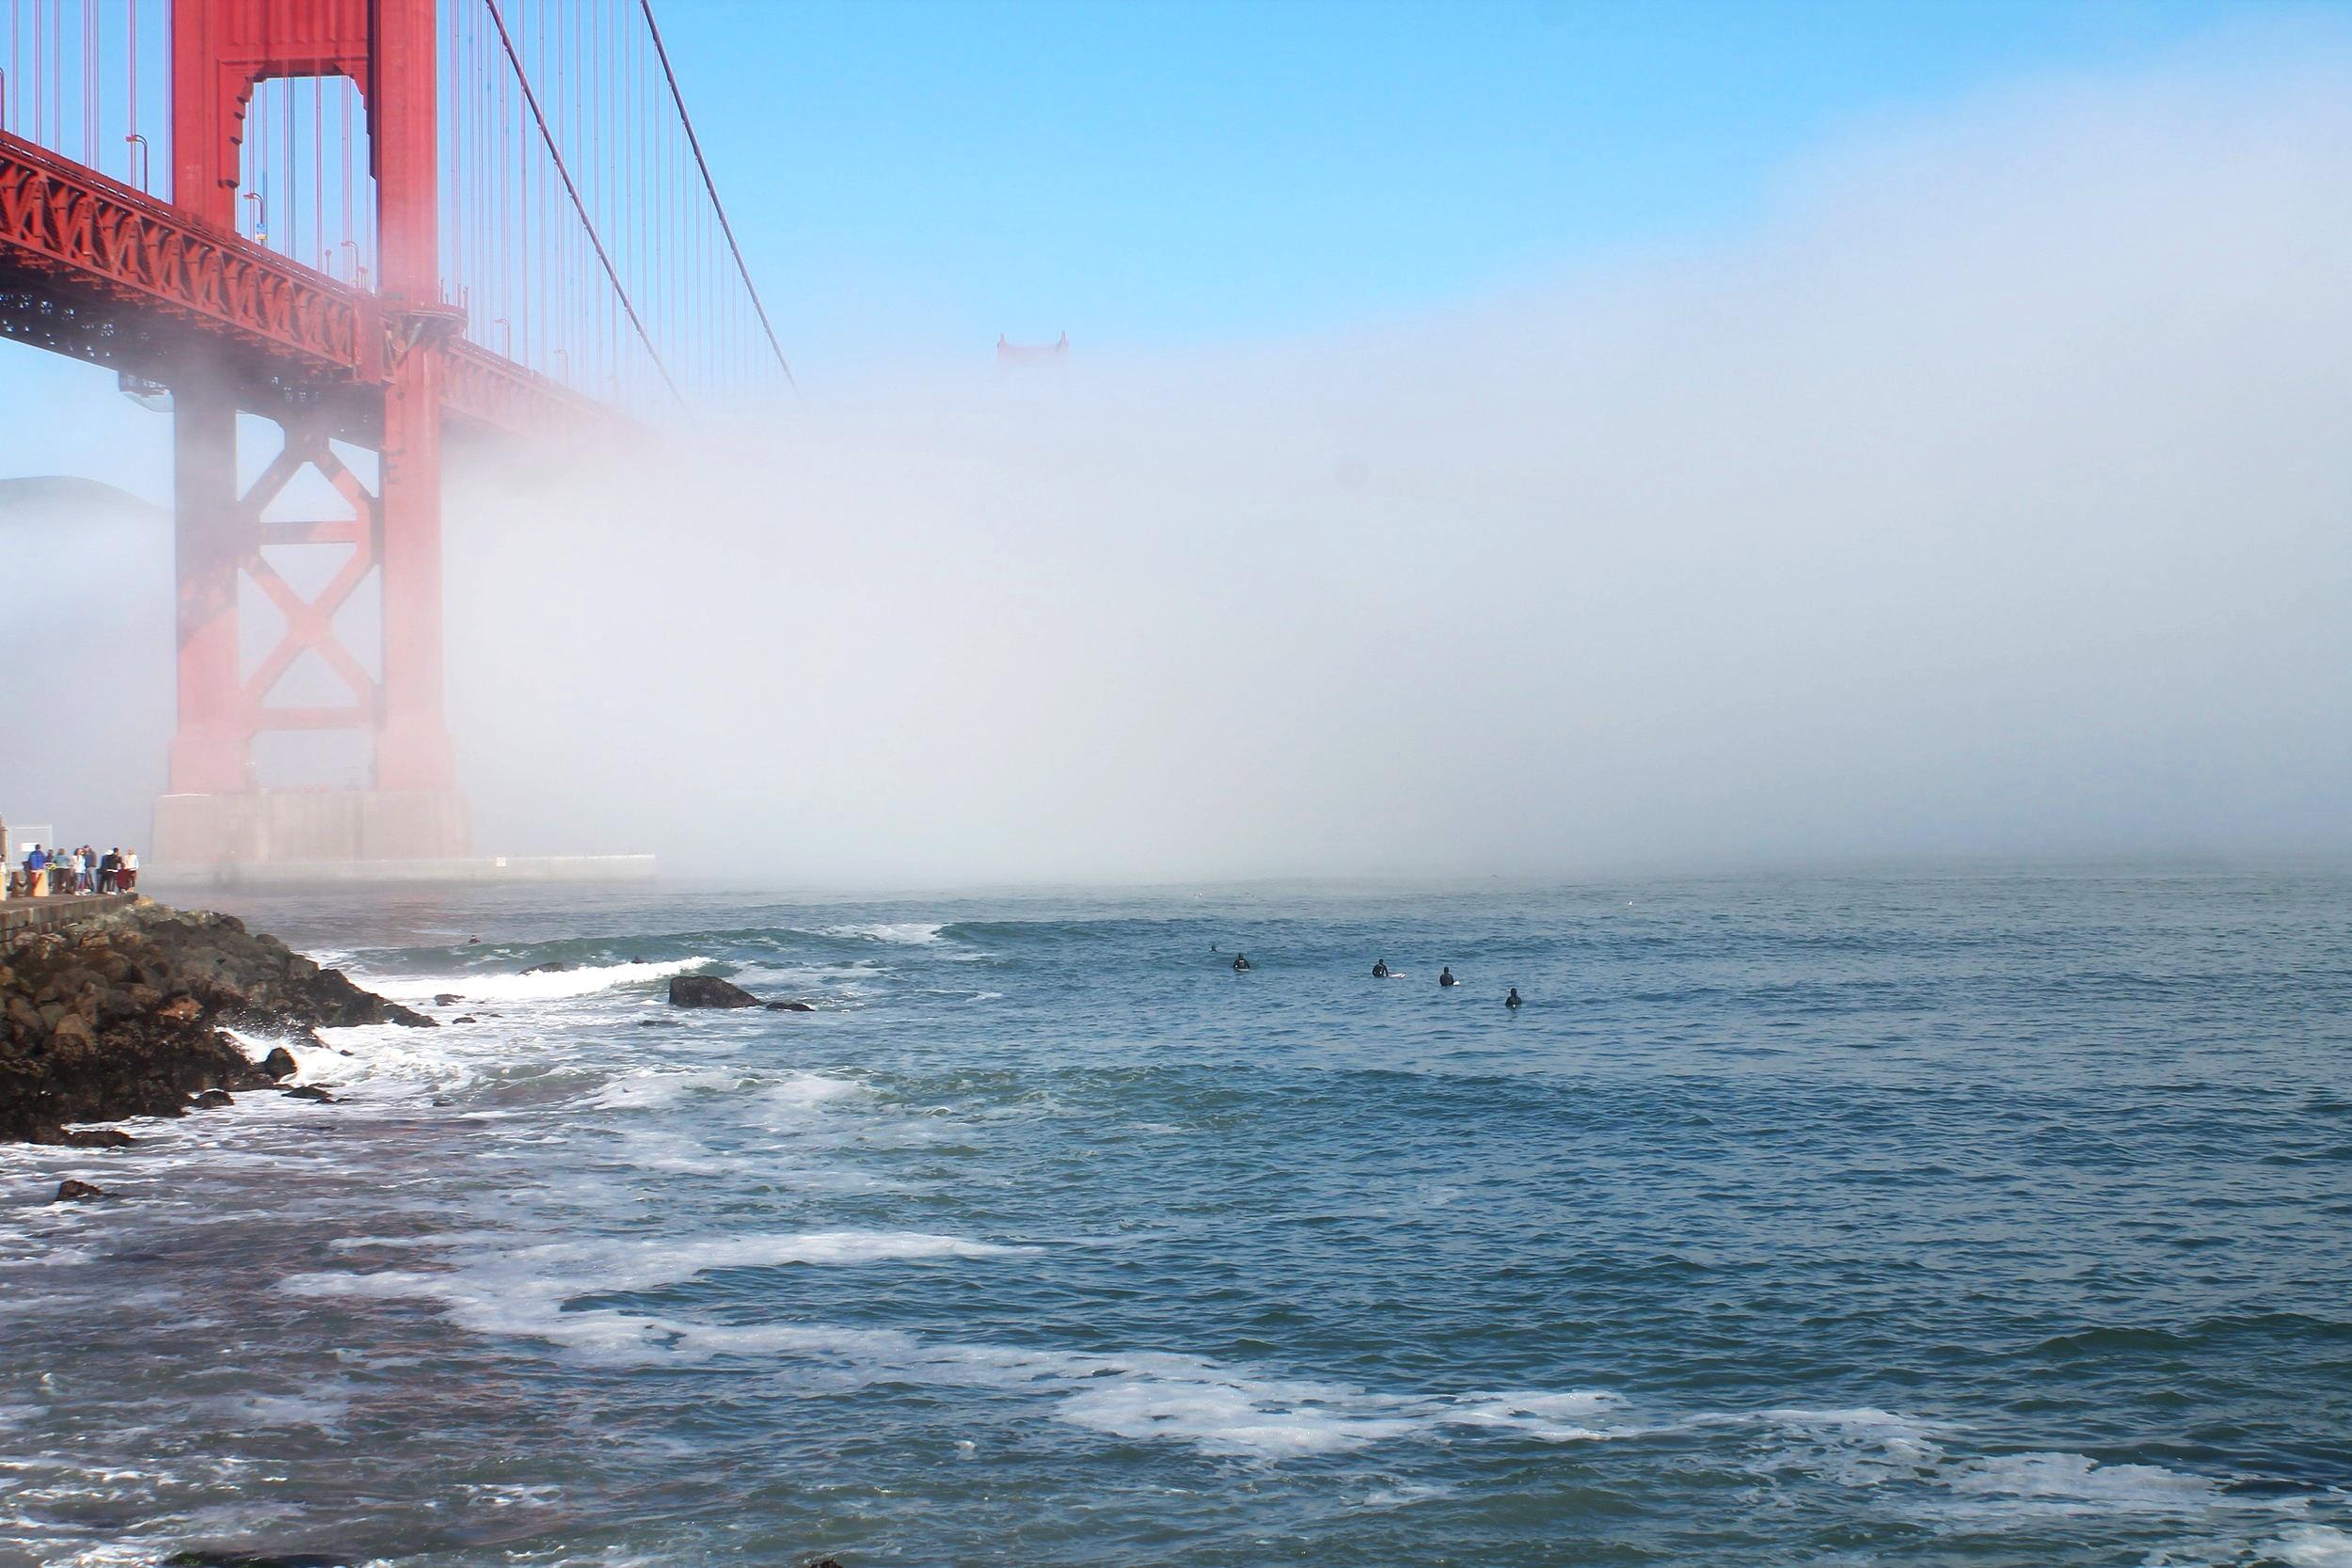 Surfing Golden Gate Bridge